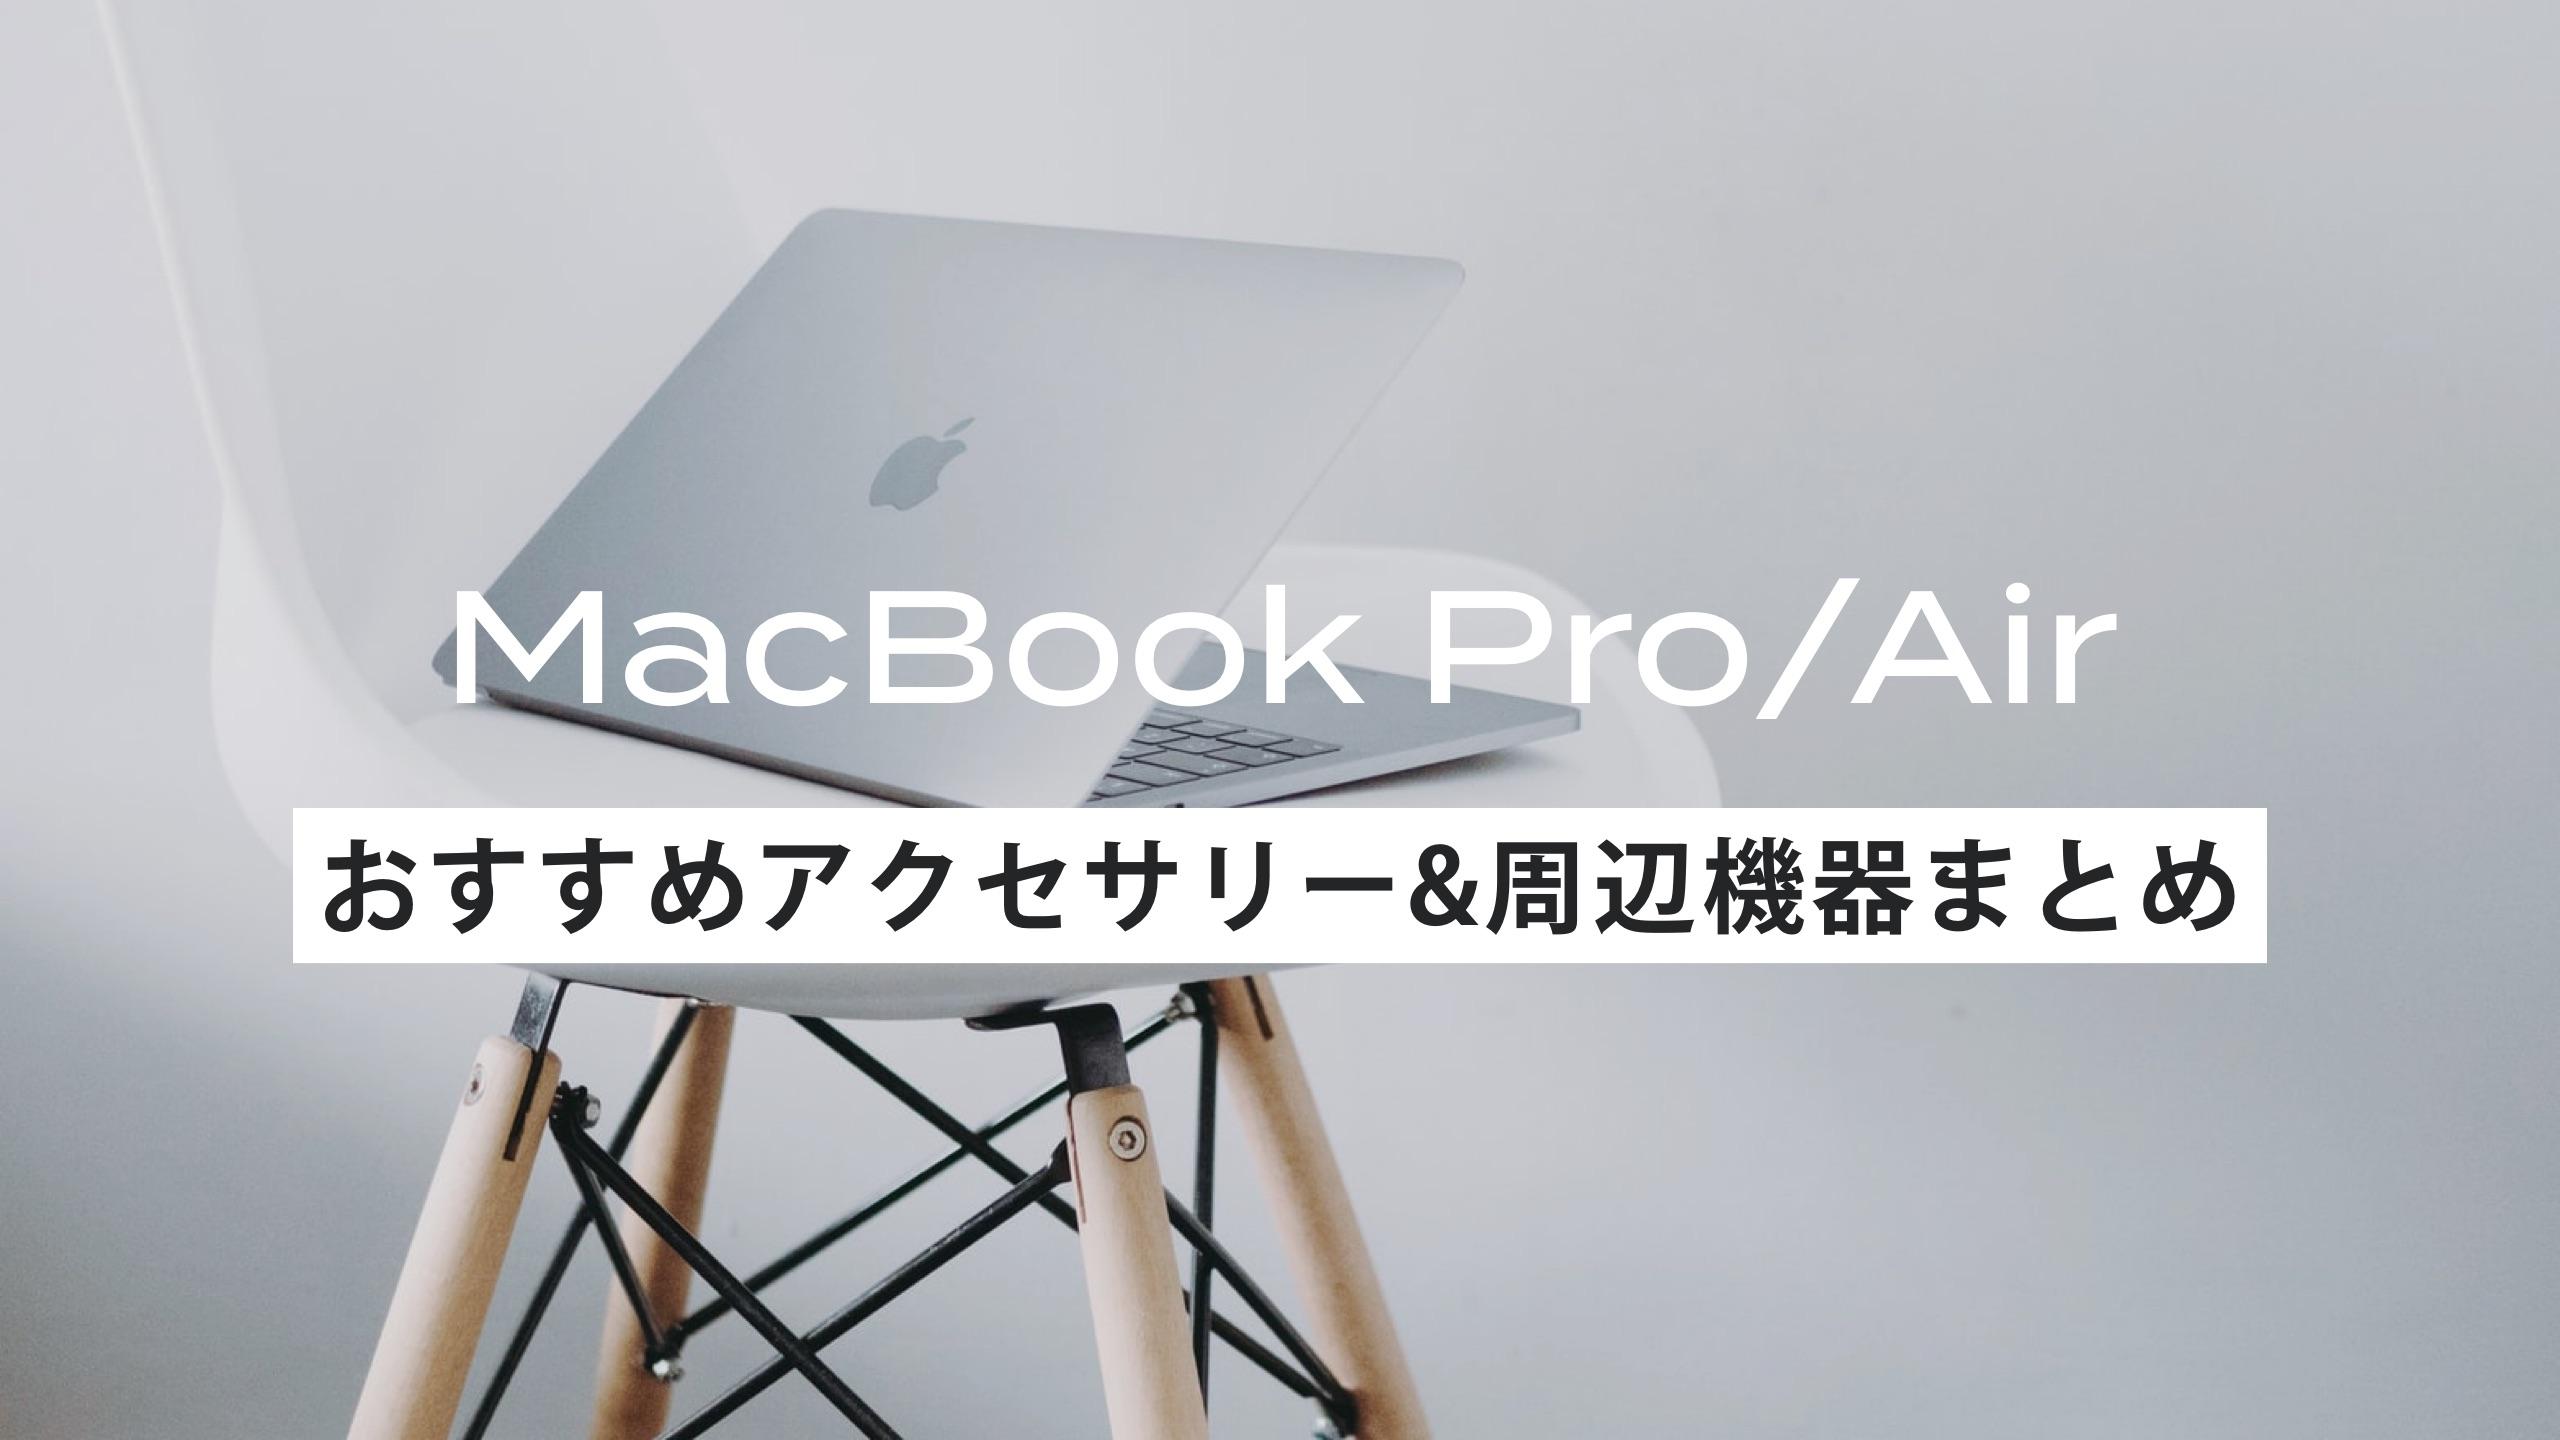 【2021年】Macbook Pro/Airユーザーが使いたい!おすすめアクセサリー・周辺機器まとめ